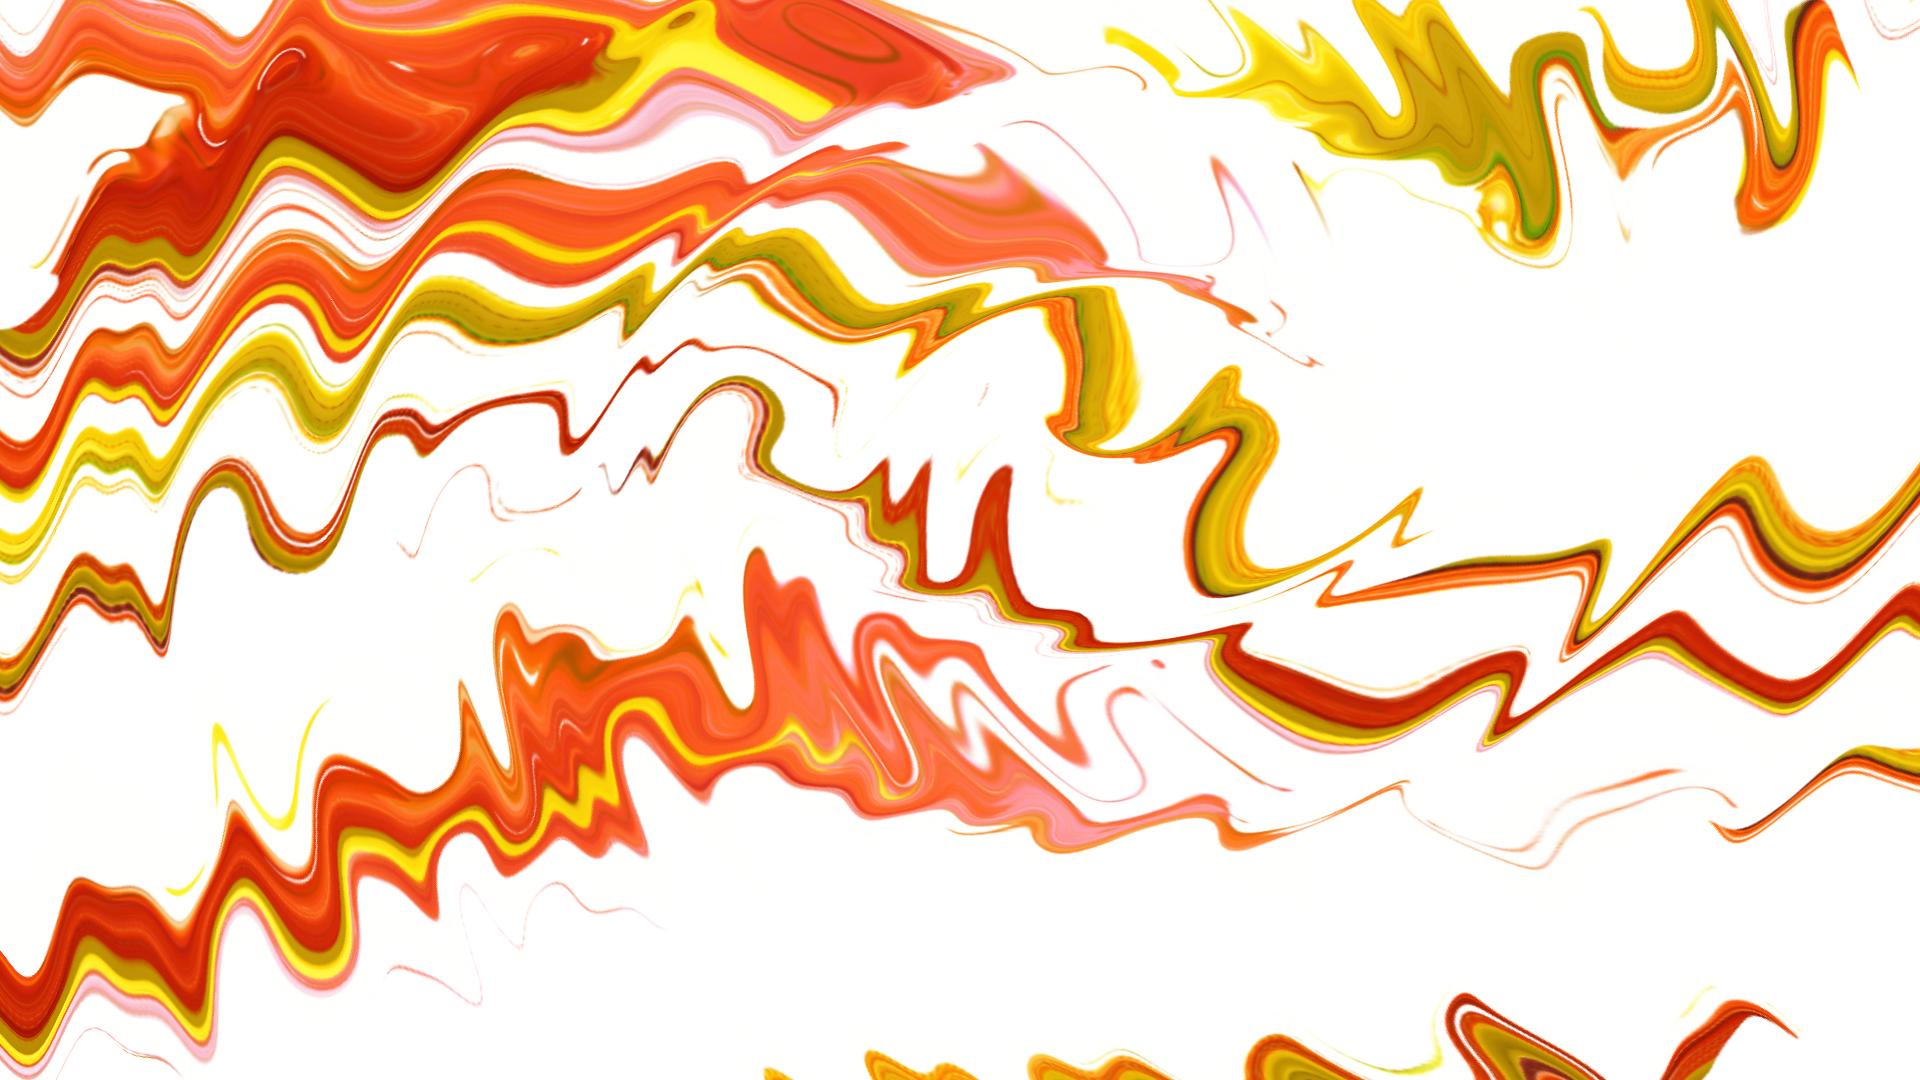 Artistic Digital Art Colors 1920x1080